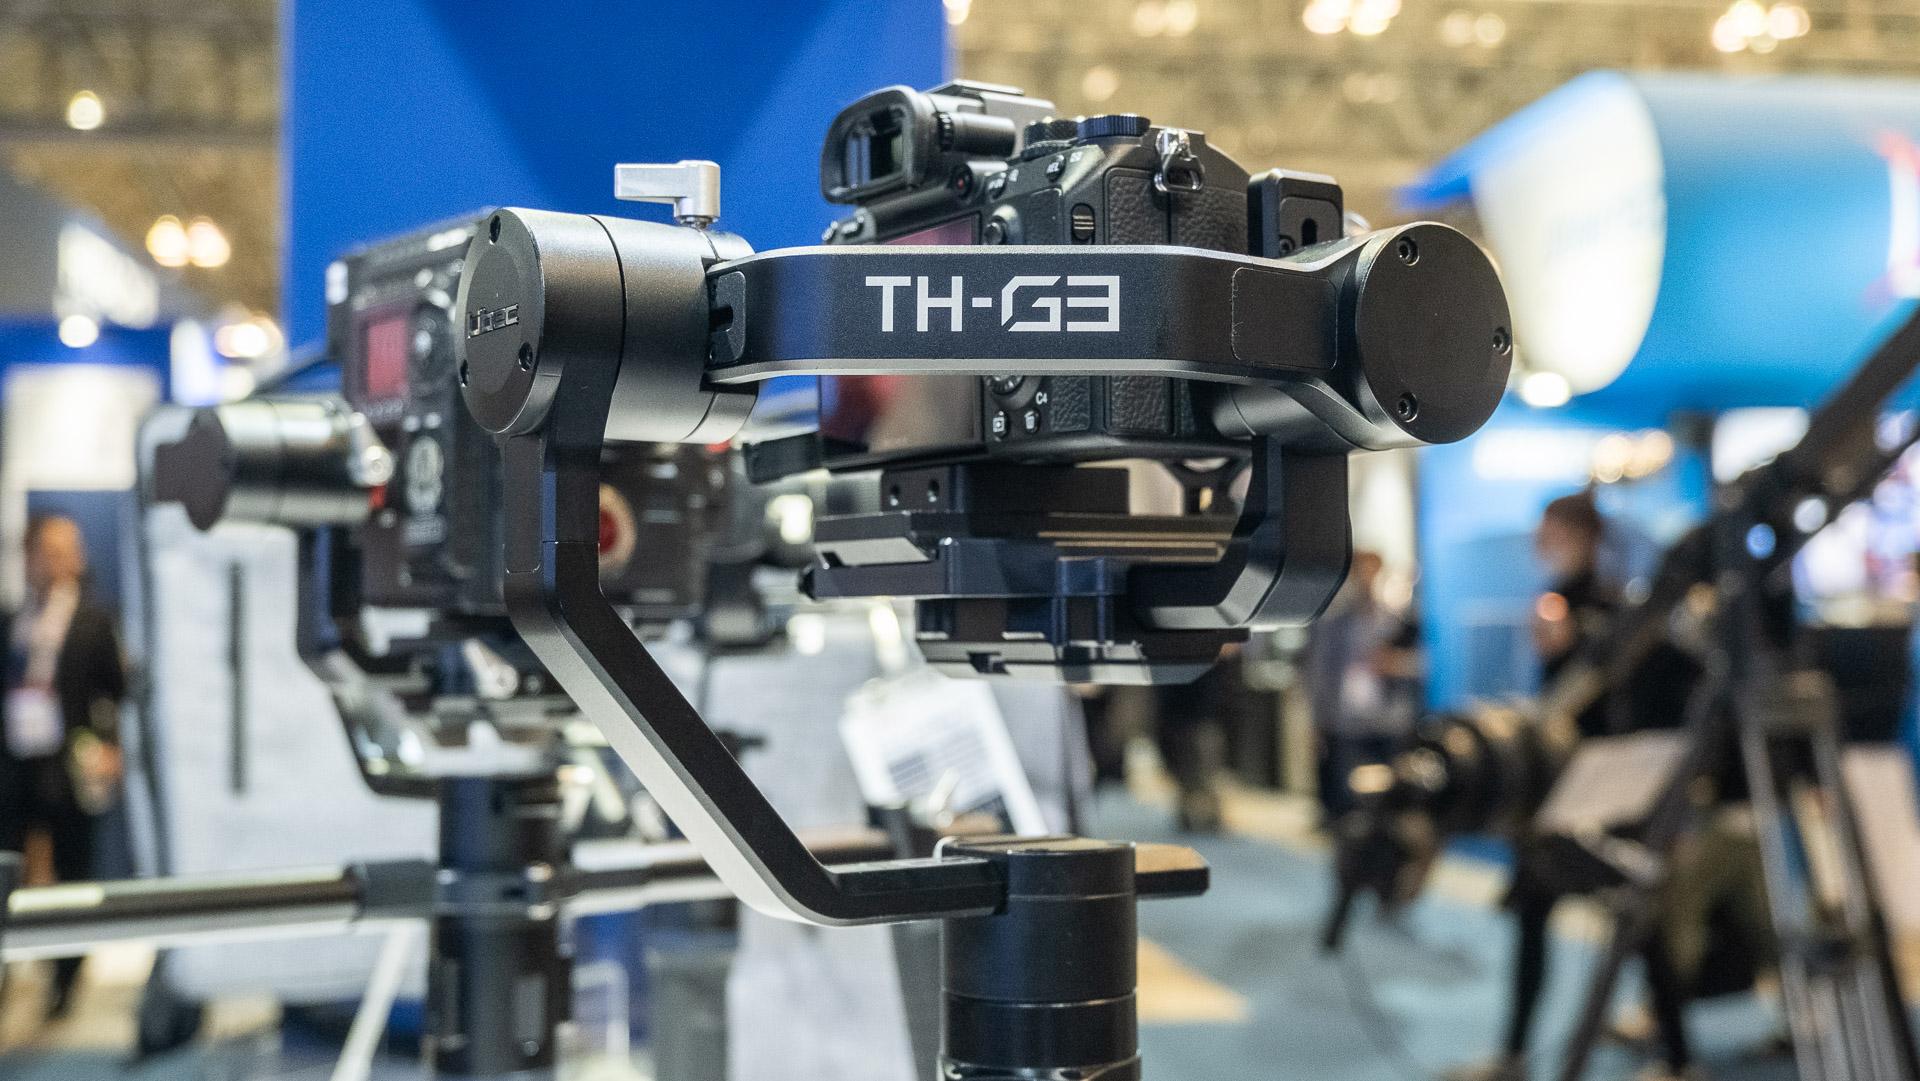 Libec(リーベック)がTH-G3ジンバルを発表 - 重量級カメラに対応